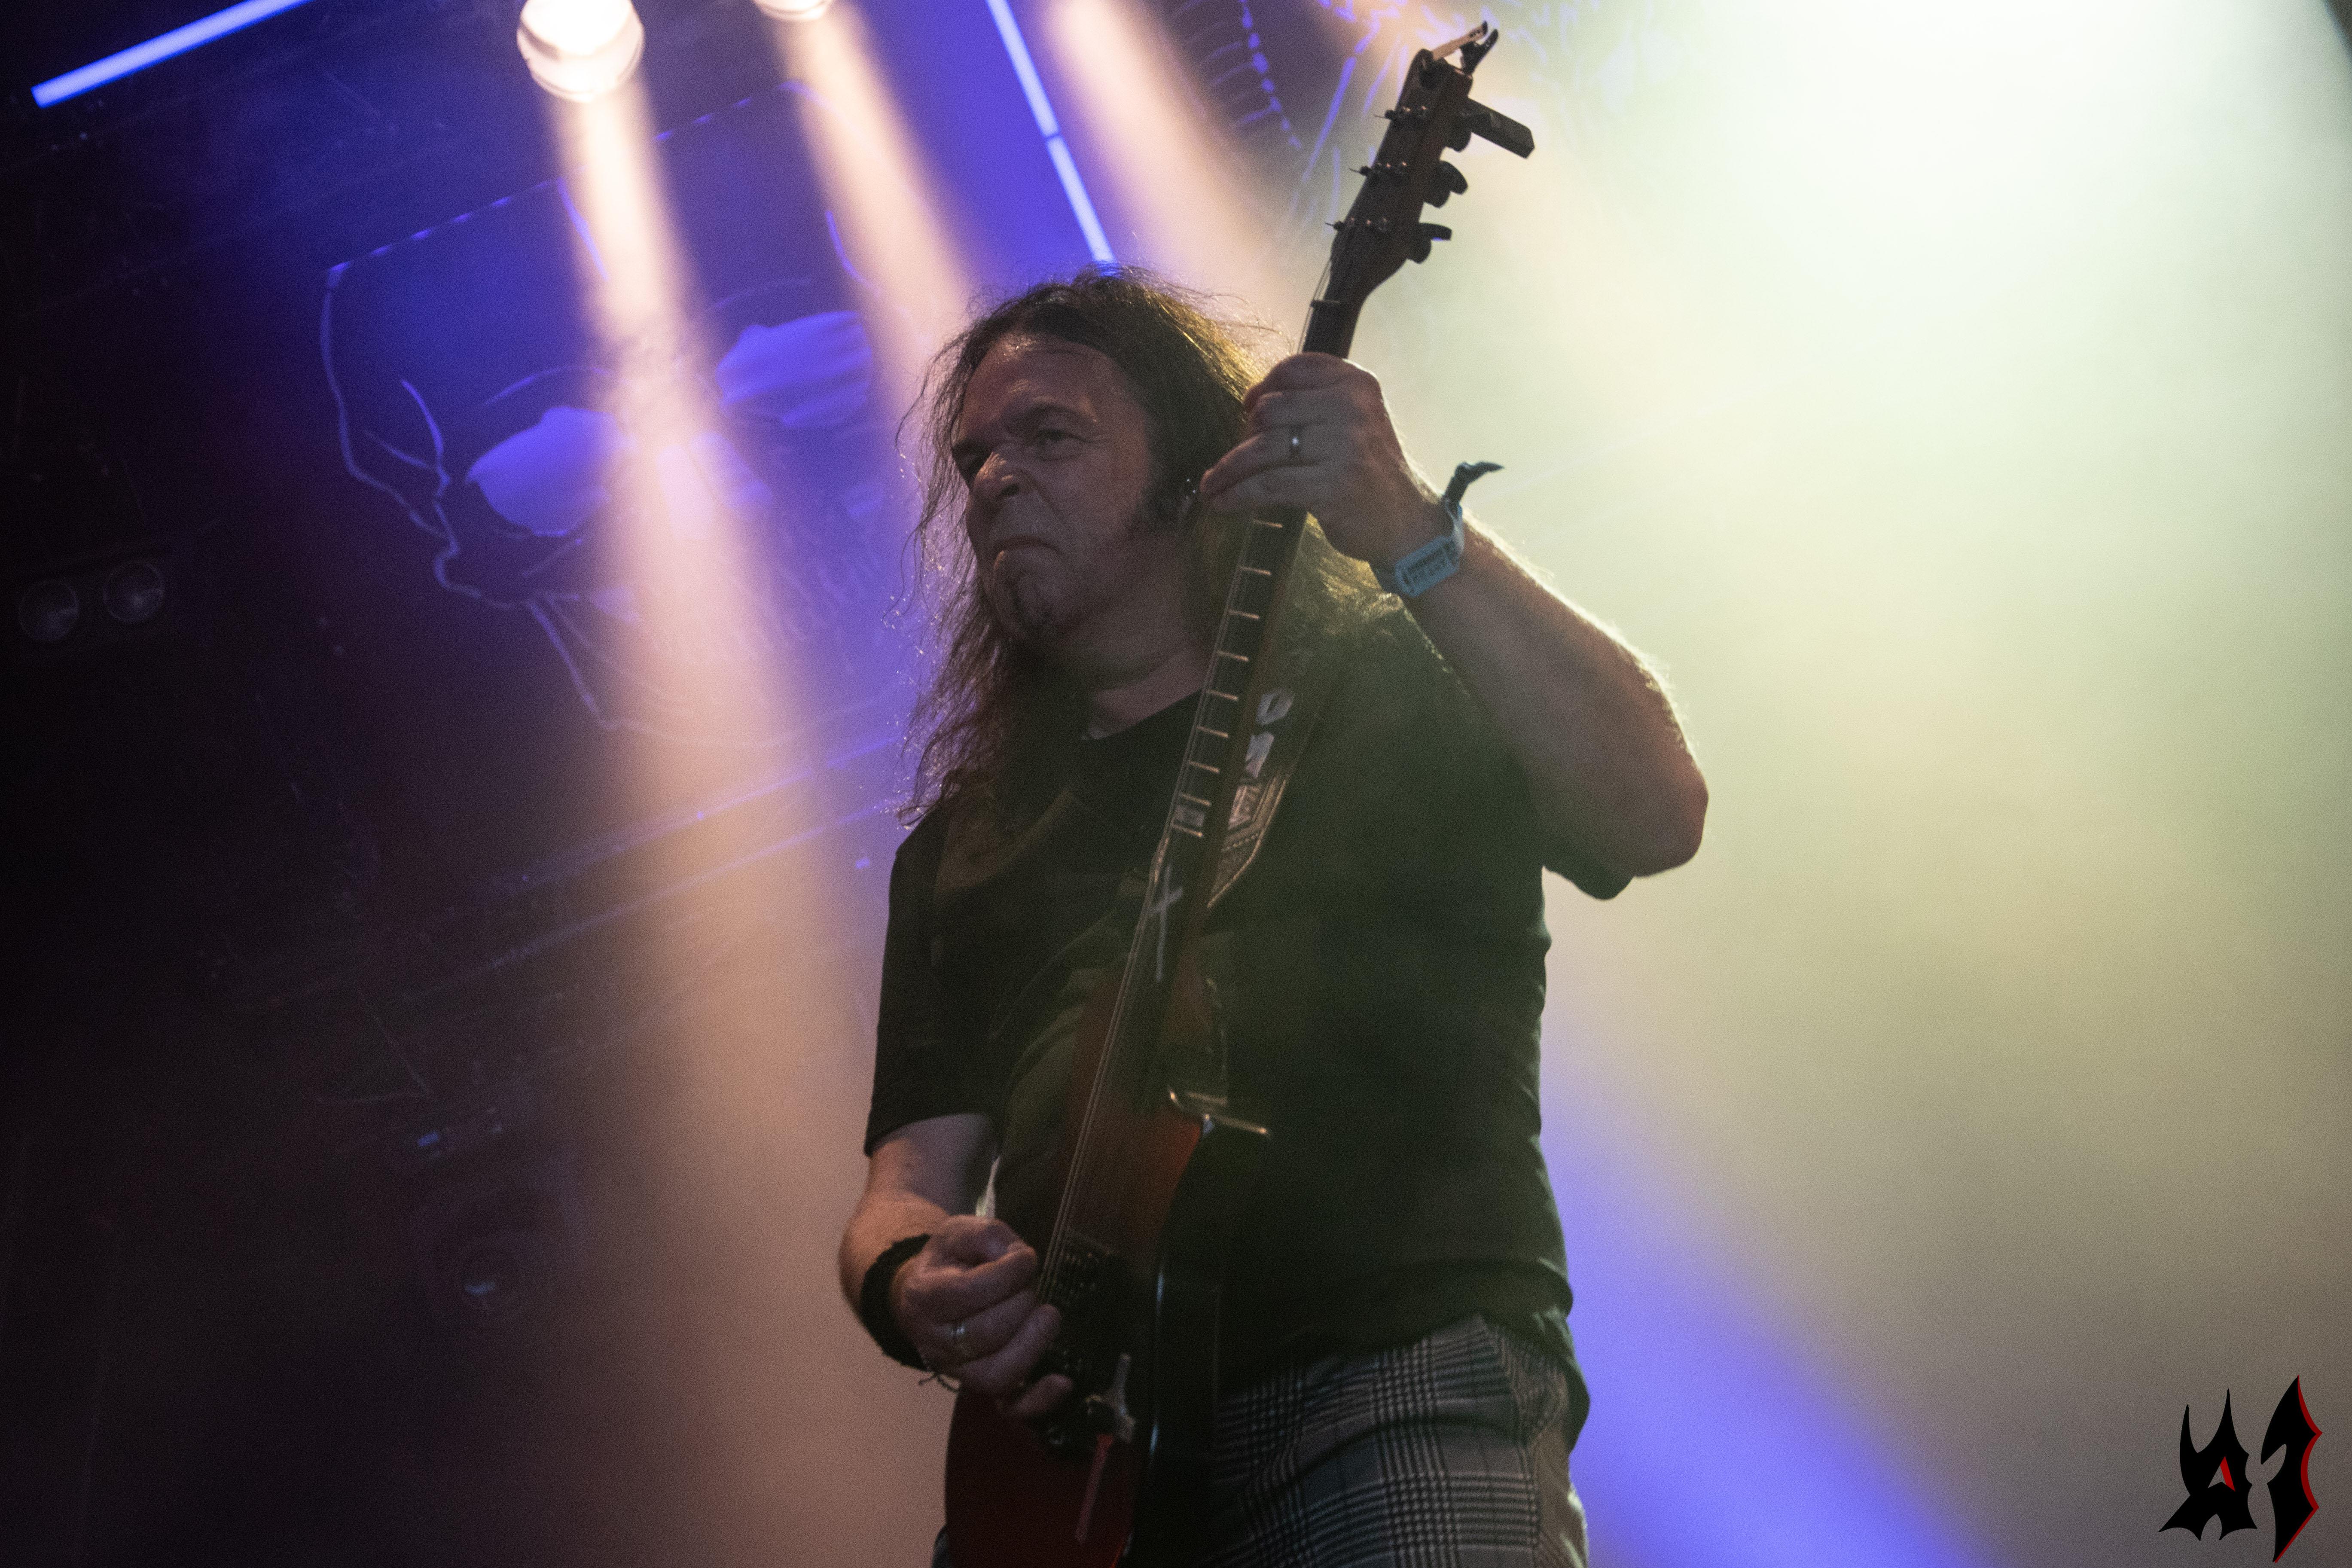 Hellfest - Candlemass - 16